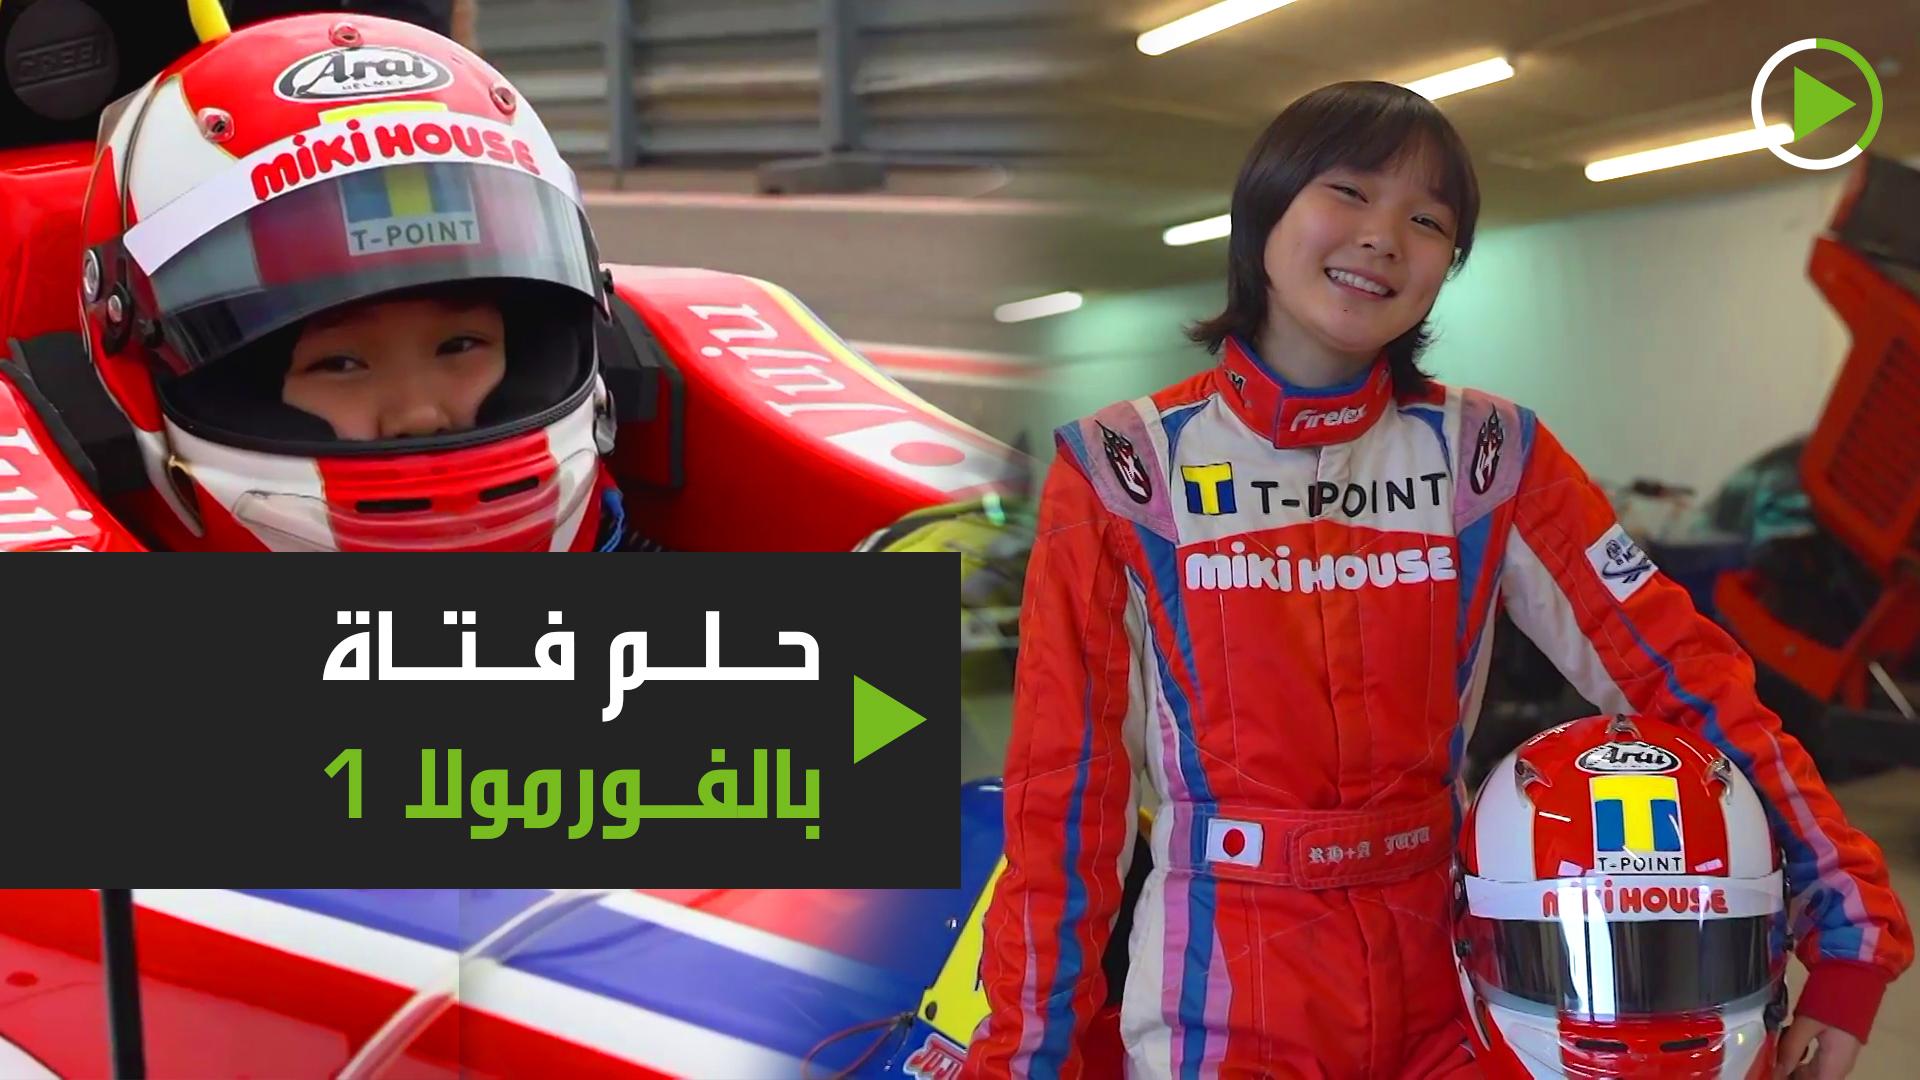 ابنة متسابق سيارات تحلم بأن تكون أول امرأة تفوز بفورمولا 1